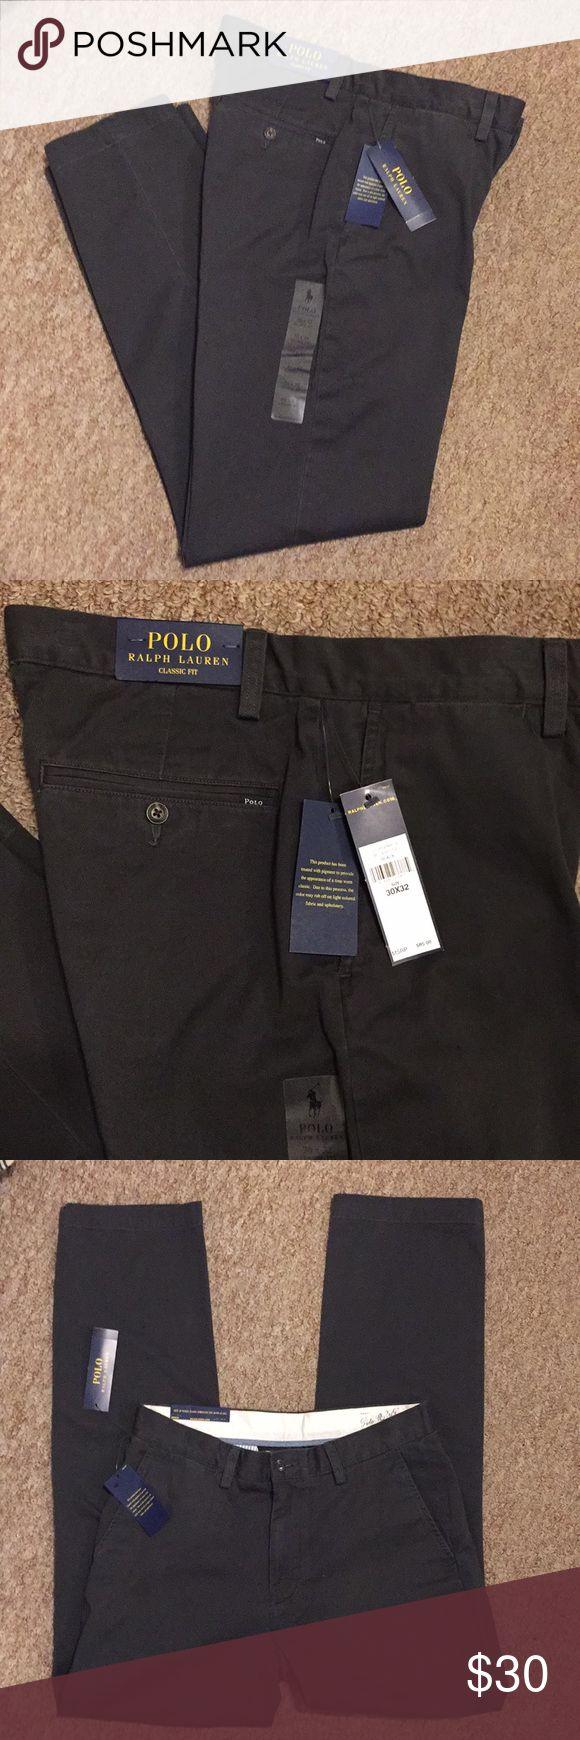 Ralph Lauren men's pants New with tags Ralph Lauren men's pants, size 30X32 classic fit! Polo by Ralph Lauren Pants Dress